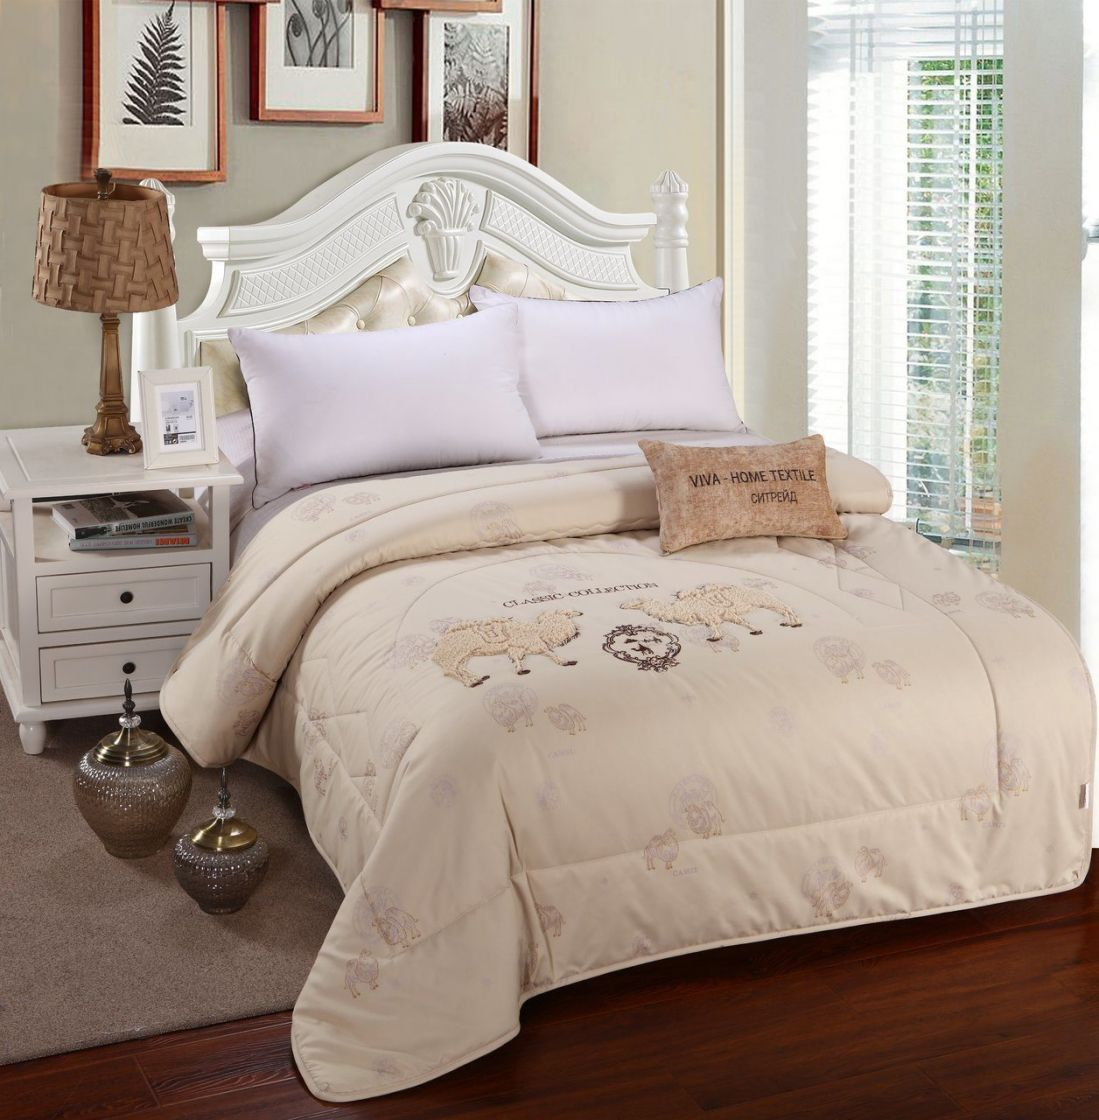 Одеяло 2 спальный Верблюжий пух с вышивкой Classic